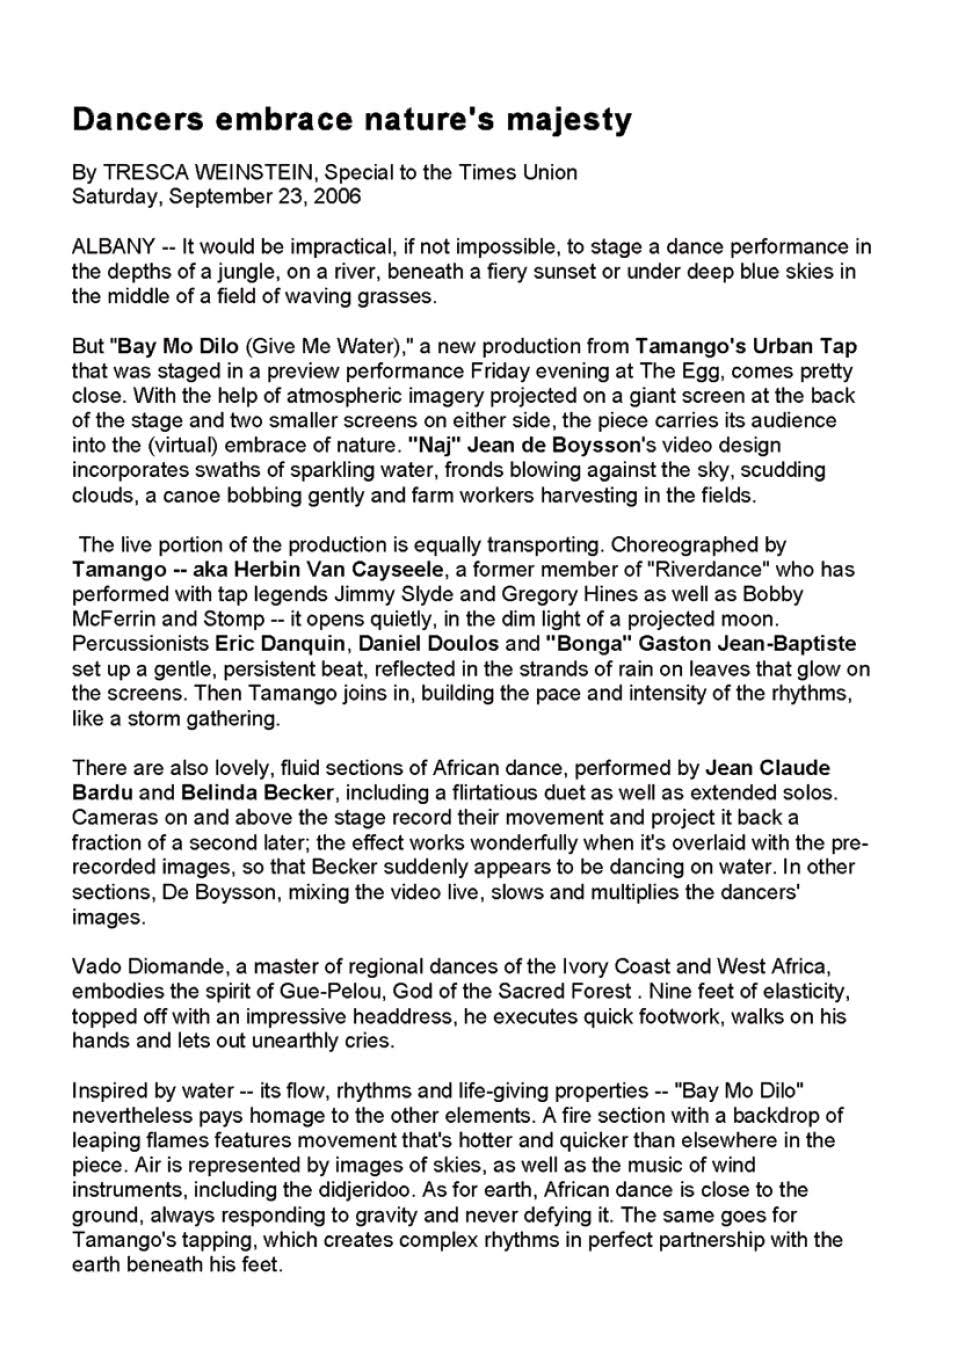 Revue de presse en anglais Urban Tap 2000 à 2007_Page_24.jpg